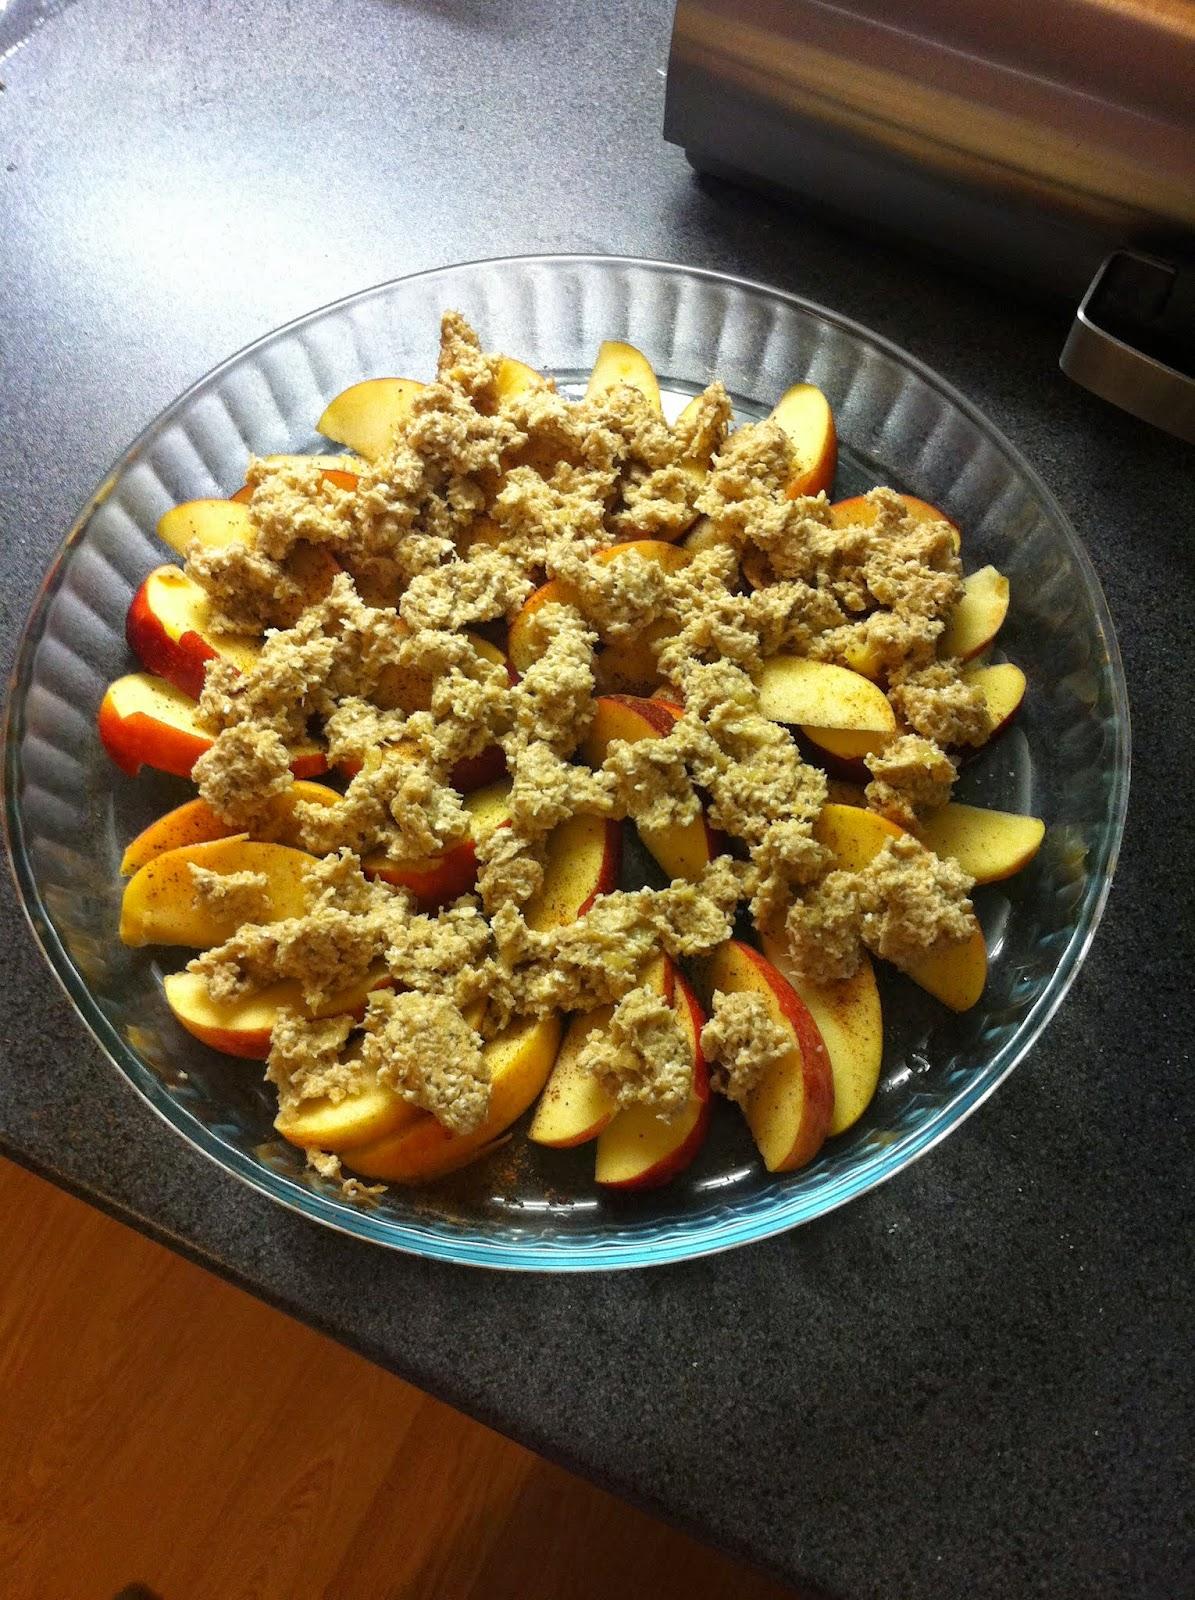 ruoka, food, herkut, perjantaiherkut, treats, goodies friday, omena-kaurapaistos, apple-oatmeal apple pie, cinnamon, kaneli, jäätelö, kastike, herkullinen, terveellinen, healthy, delicious, jälkiruoka, dessert, omena-kaneli, apple- cinnamon, kaurapaistos, omenakaurapaistos,